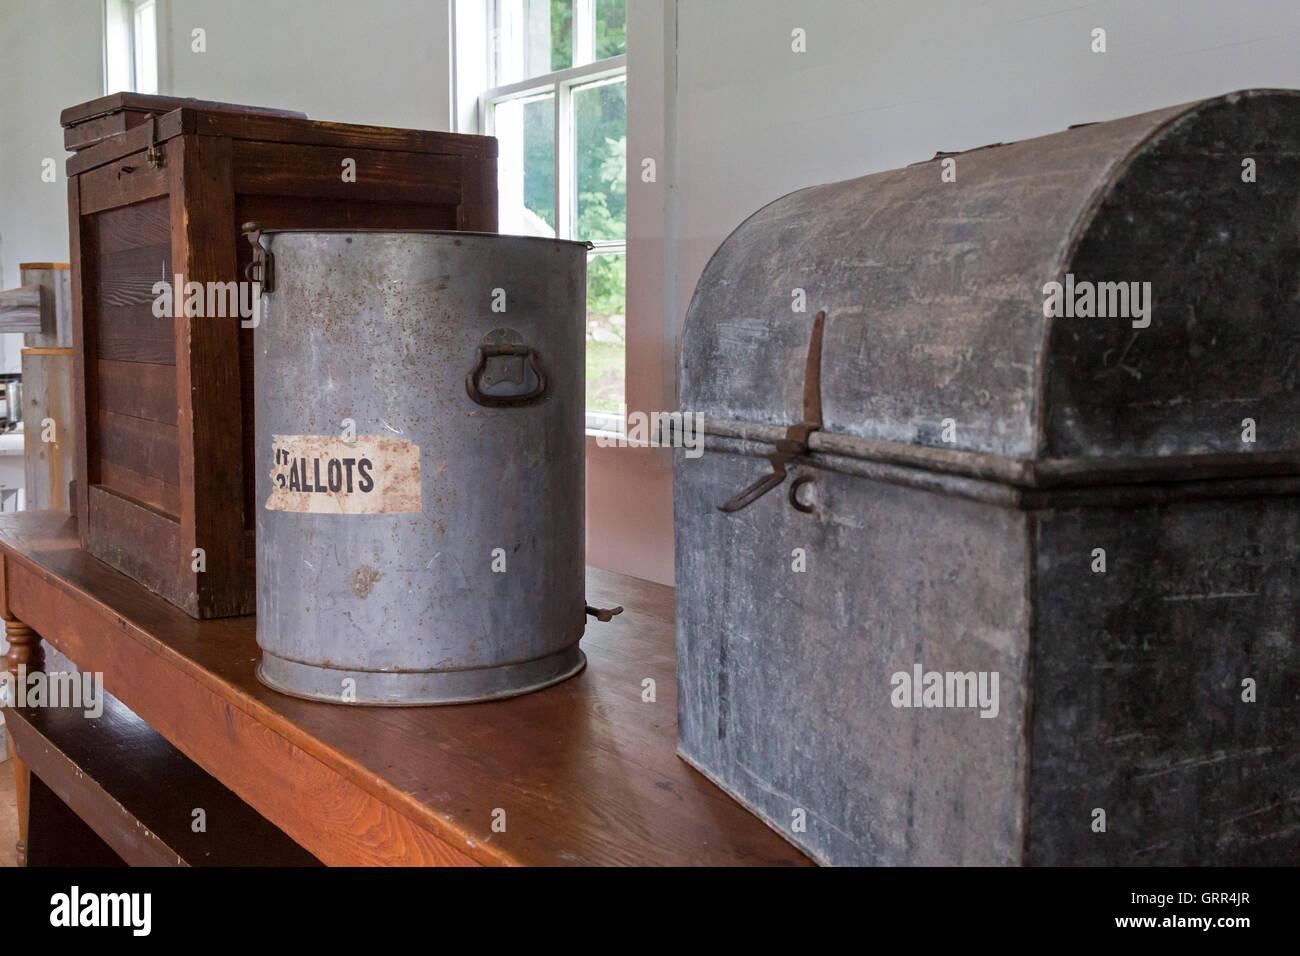 Hastings, Michigan - Ballot boxes at Hastings Township Hall at historic Charlton Park village. - Stock Image